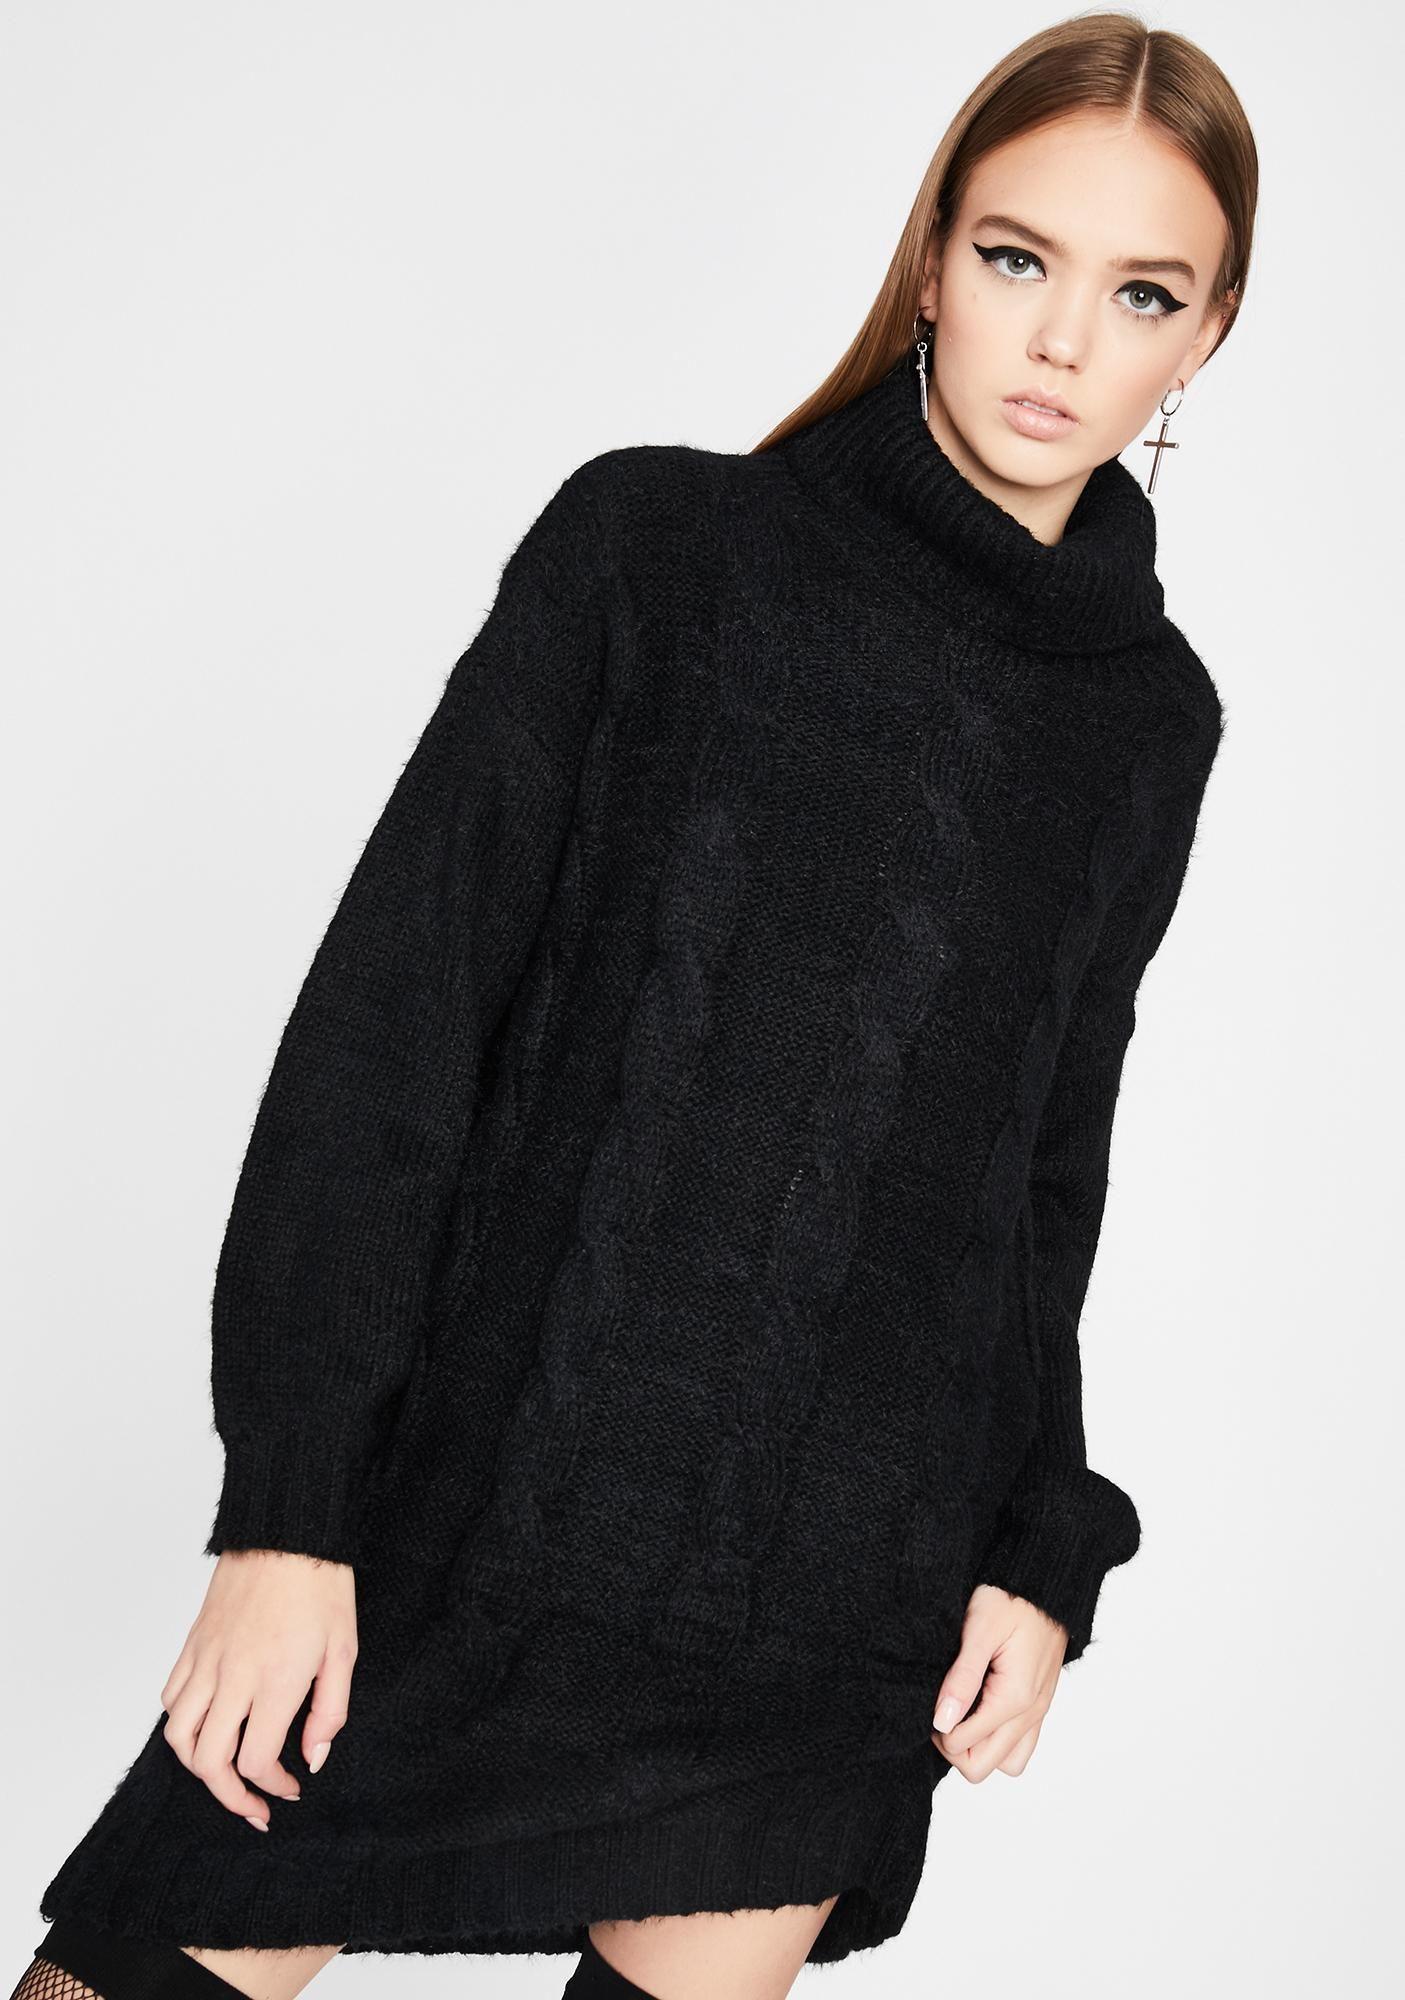 Noir Fall For It Sweater Dress Sweaters Sweater Dress Dresses [ 2000 x 1405 Pixel ]